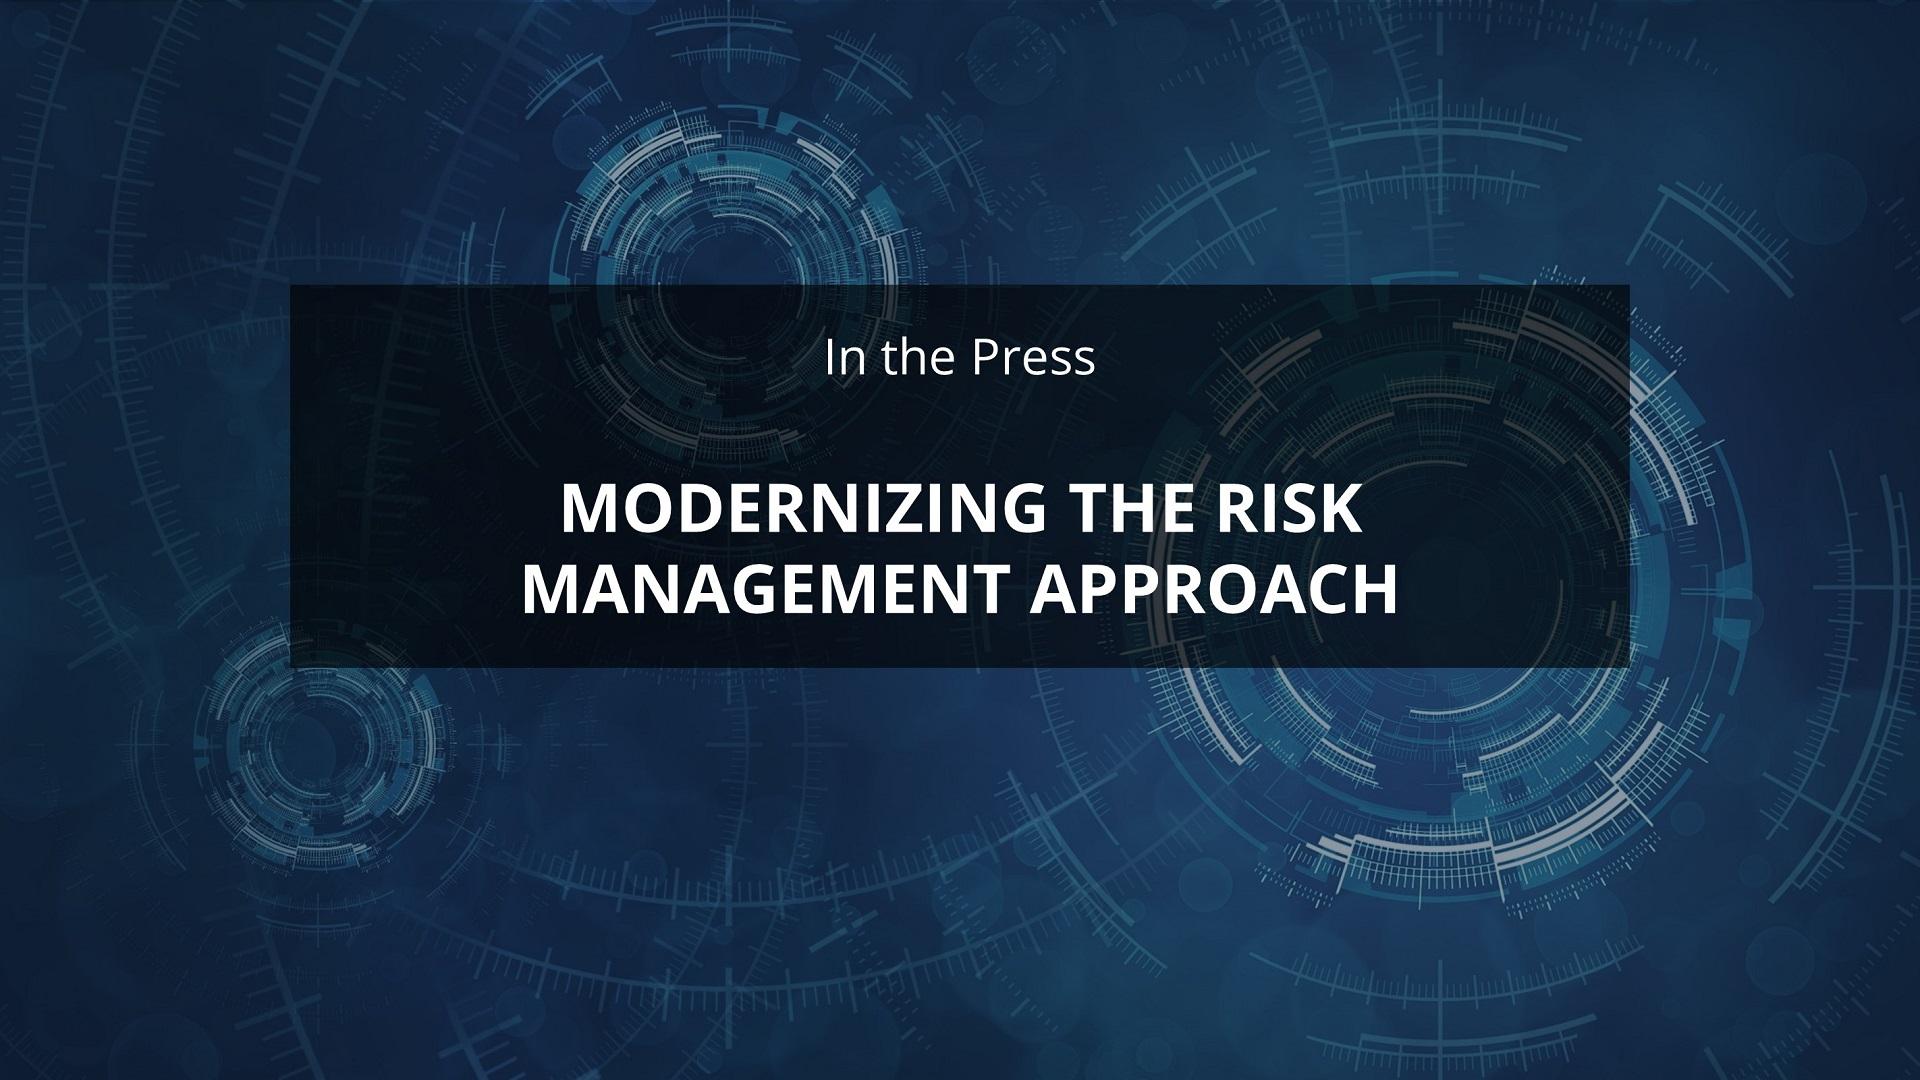 Modernizing TPRM Approach